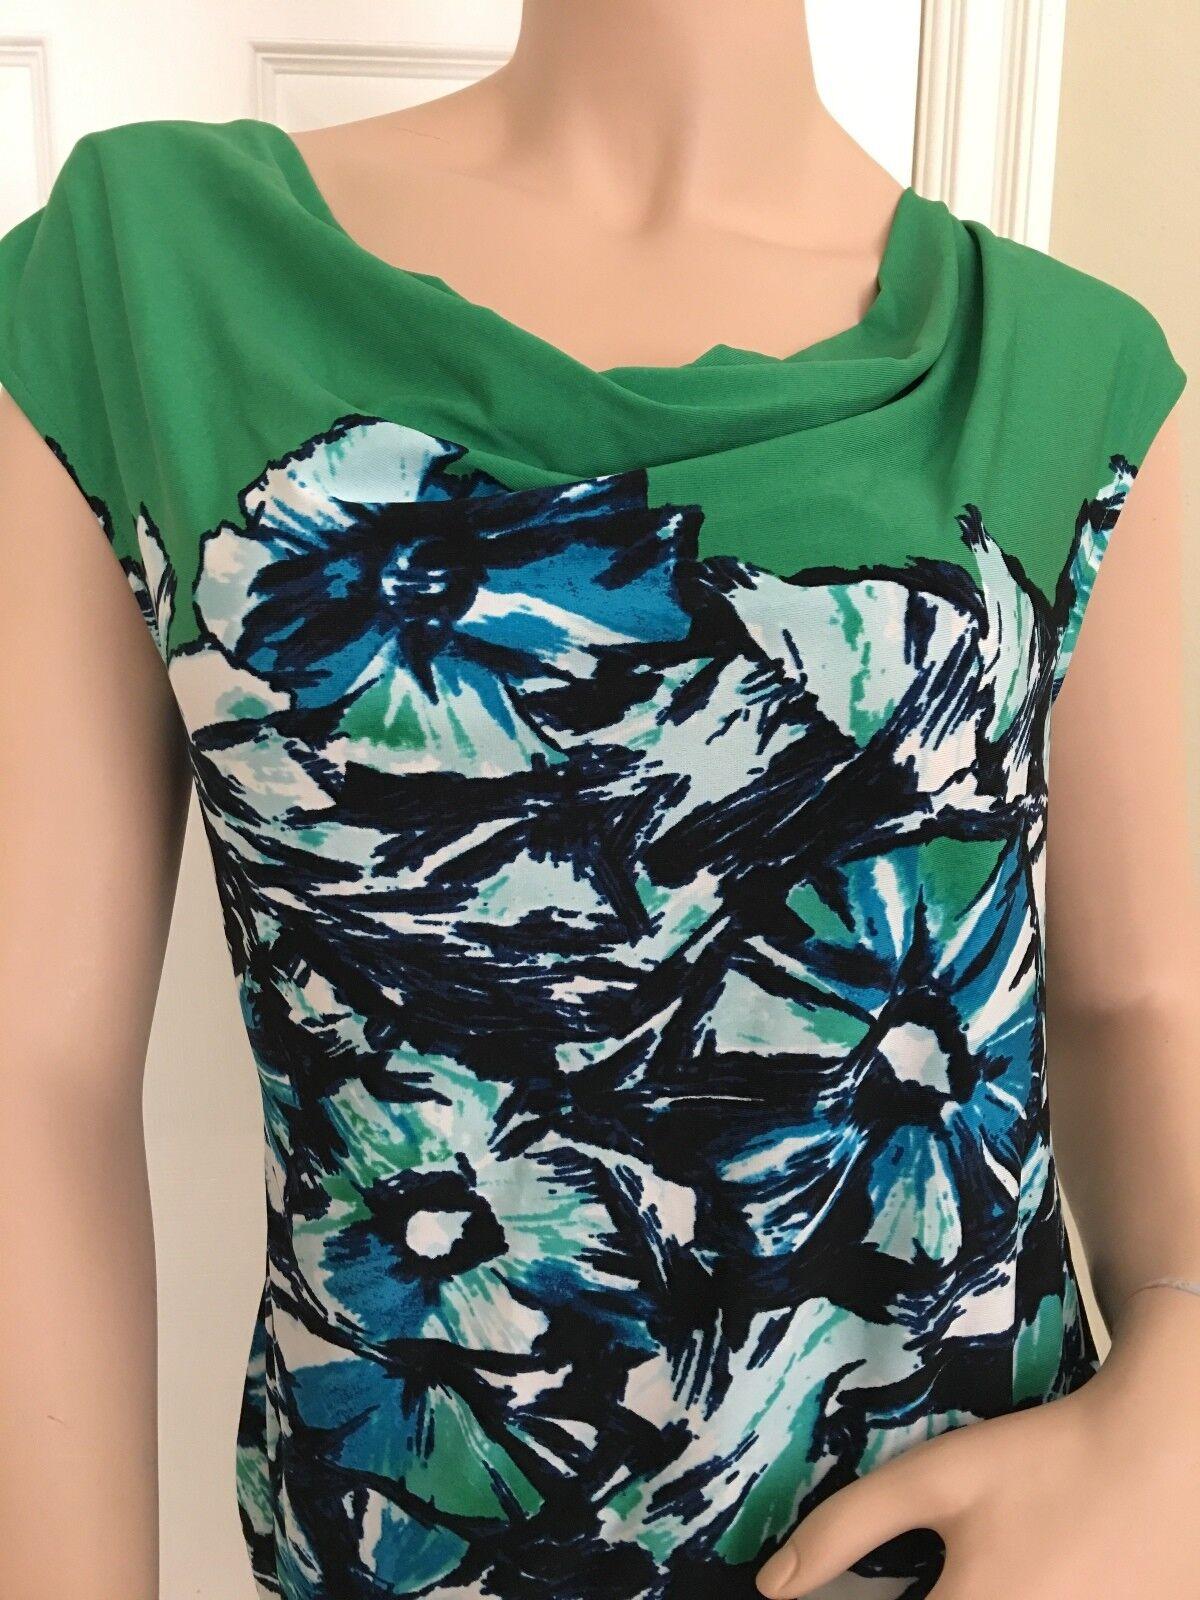 Bcbgmaxazria Smaragd   Kombination Freizeitkleid Freizeitkleid Freizeitkleid Größe S Msrp | Marke  | Schönes Design  | München Online Shop  f4e89a